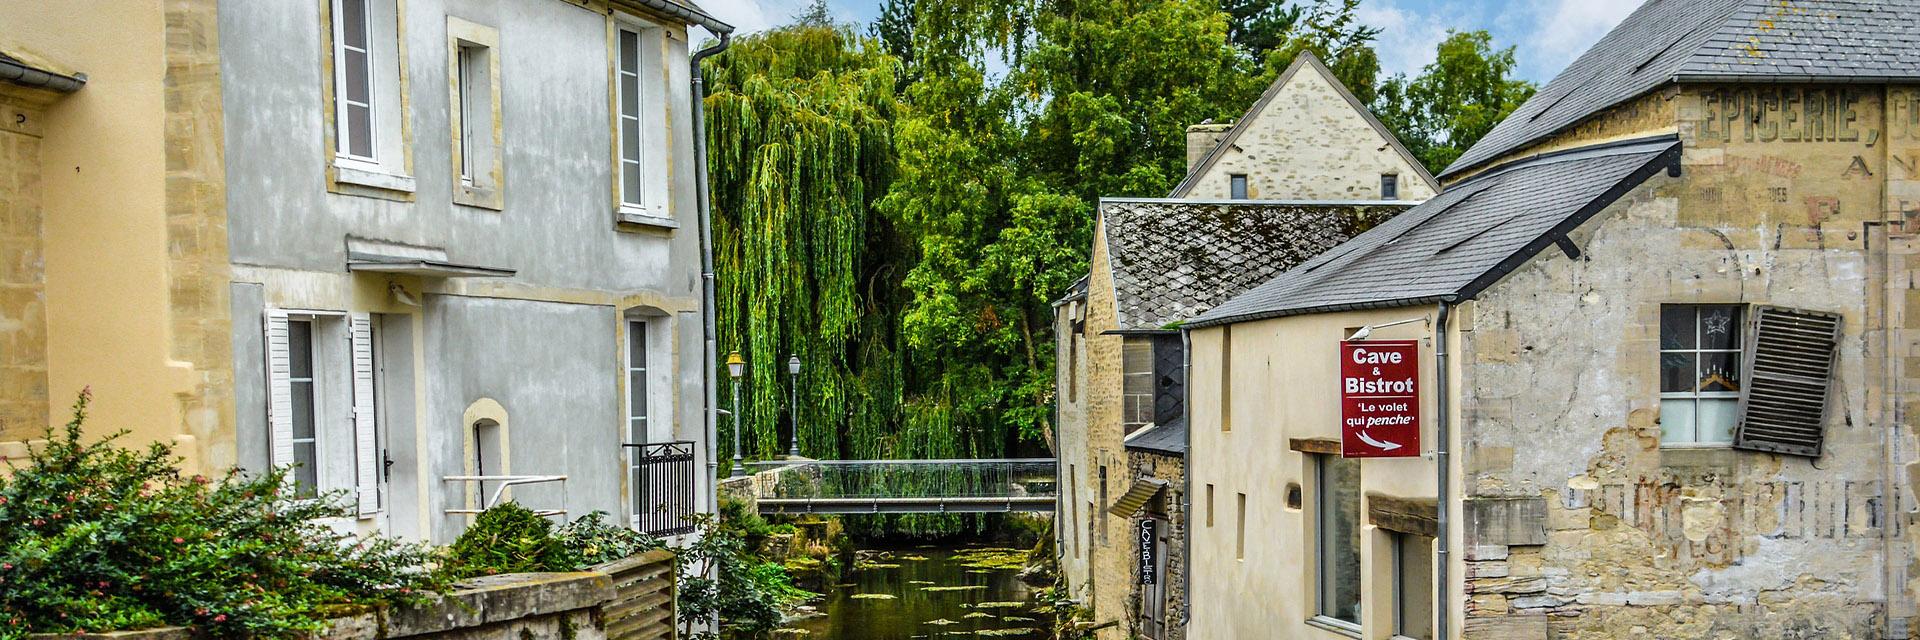 Village_club_vacances_normandie-et-cote-dopale-les-tourelles-Bayeux